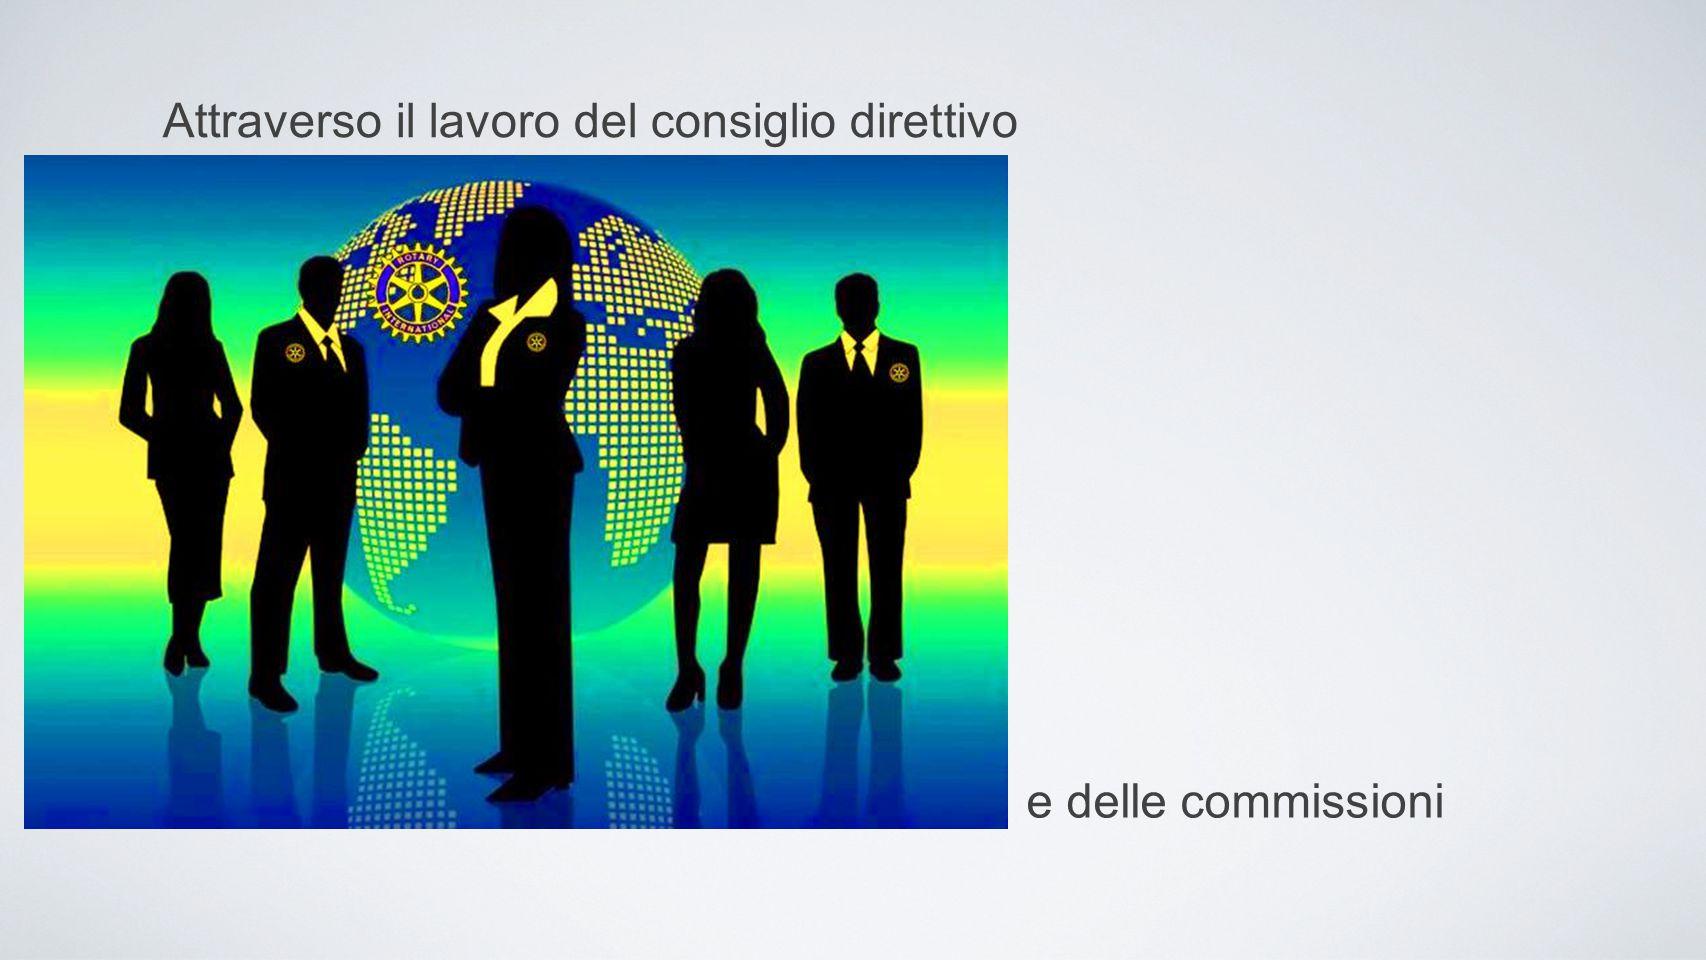 attraverso il lavoro del consiglio direttivo Attraverso il lavoro del consiglio direttivo e delle commissioni attraverso il lavoro del consiglio diret